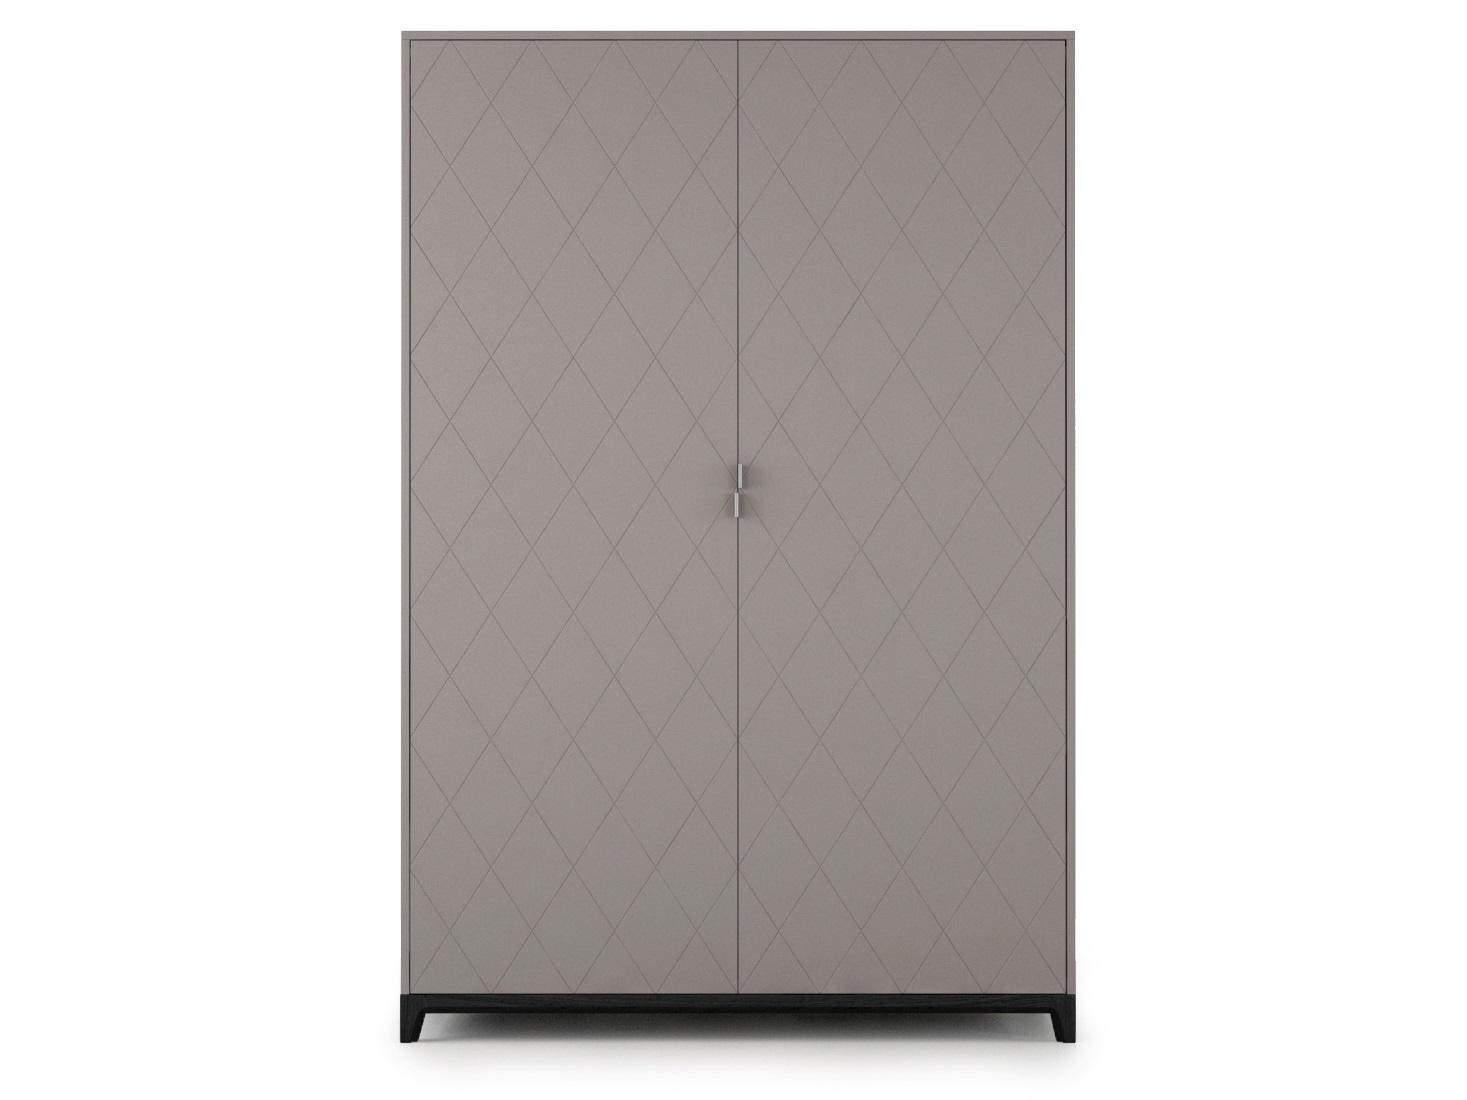 Шкаф CASEПлатяные шкафы<br>Вместительный, прочный и удобный шкаф CASE сочетает в себе продуманную структуру и современный дизайн. Внутри шкафа комфортно расположены полки, выдвижные ящики и штанги для вешалок. Благодаря отсутствию в конструкции лишних элементов и сбалансированной форме шкаф не выглядит массивным, а фасады с объемной фрезеровкой завершают его образ.&amp;lt;div&amp;gt;&amp;lt;br&amp;gt;&amp;lt;/div&amp;gt;&amp;lt;div&amp;gt;Шкаф CASE рассчитан на комфортное использование для одного или двух человек.Основание выполнено из массива дуба, а корпус – из мдф, что гарантирует прочность и экологичность изделия. Благодаря качественной фурнитуре, вместительные ящики двигаются плавно и бесшумно.  А главная изюминка коллекции - это фасады с объемной фрезеровкой, цвет и дизайн которых вы можете выбрать сами.&amp;lt;div&amp;gt;&amp;lt;br&amp;gt;&amp;lt;/div&amp;gt;&amp;lt;div&amp;gt;&amp;lt;br&amp;gt;&amp;lt;/div&amp;gt;&amp;lt;/div&amp;gt;<br><br>Material: Дуб<br>Length см: None<br>Width см: 140<br>Depth см: 60<br>Height см: 210<br>Diameter см: None